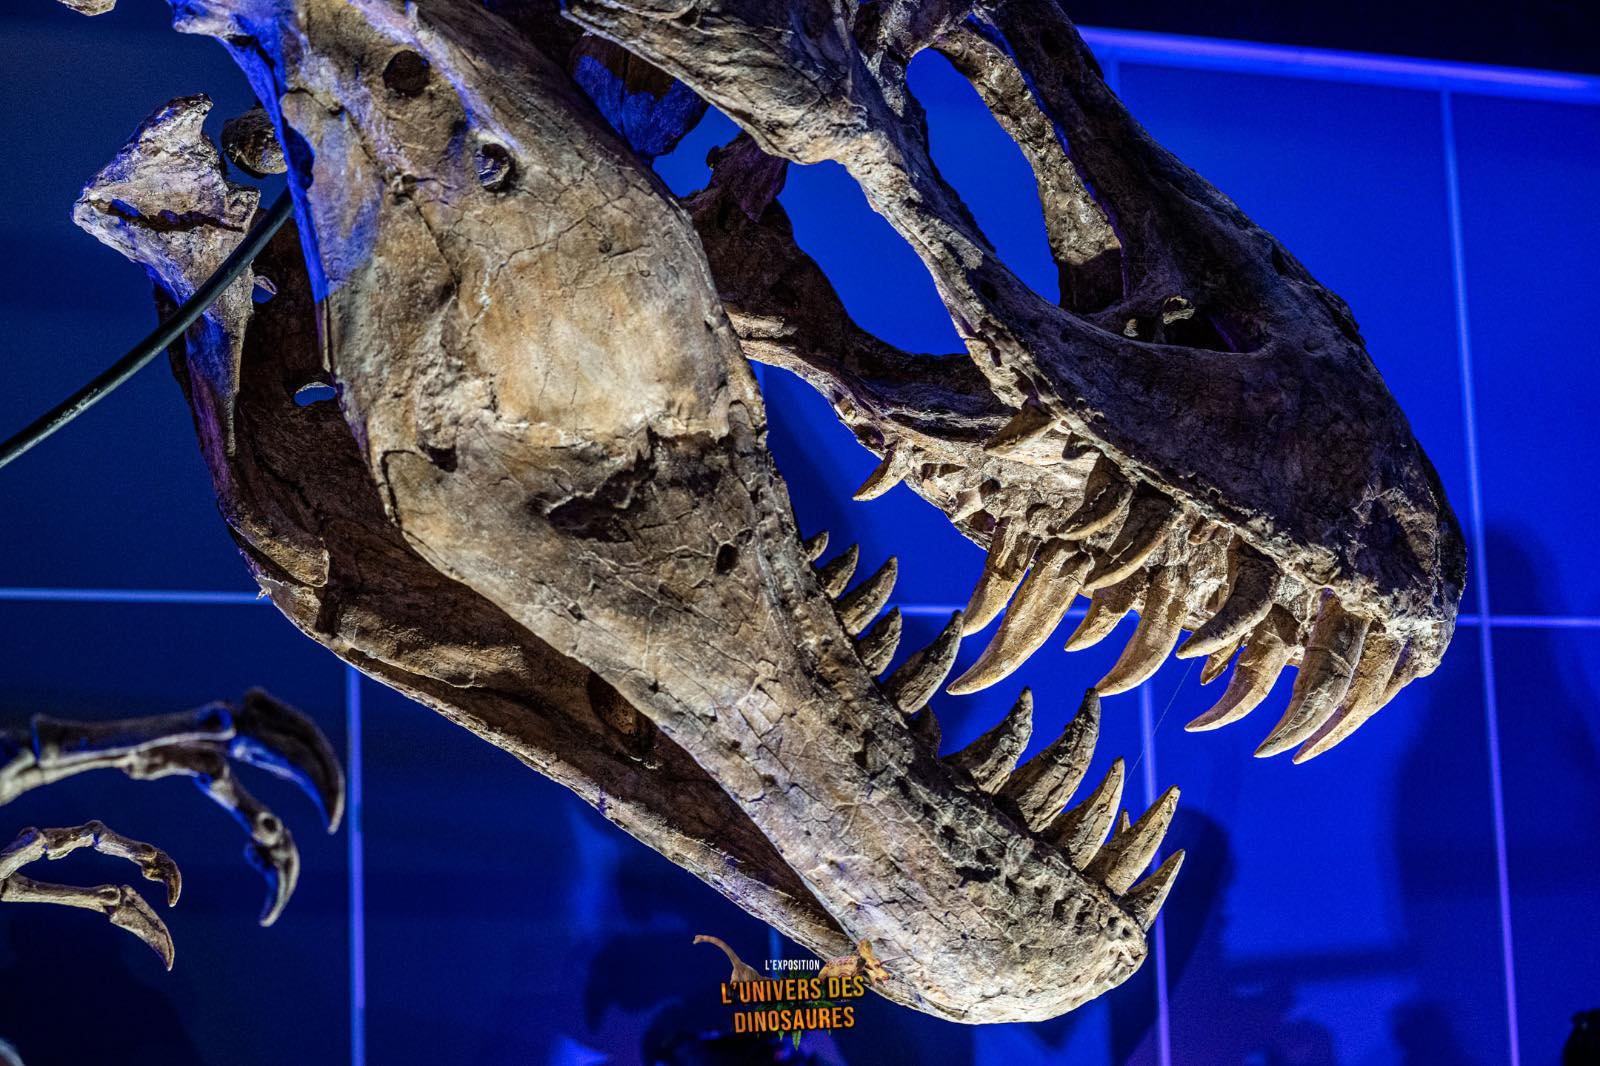 L'Univers des dinosaures débarque au parc des Expositions de Dijon